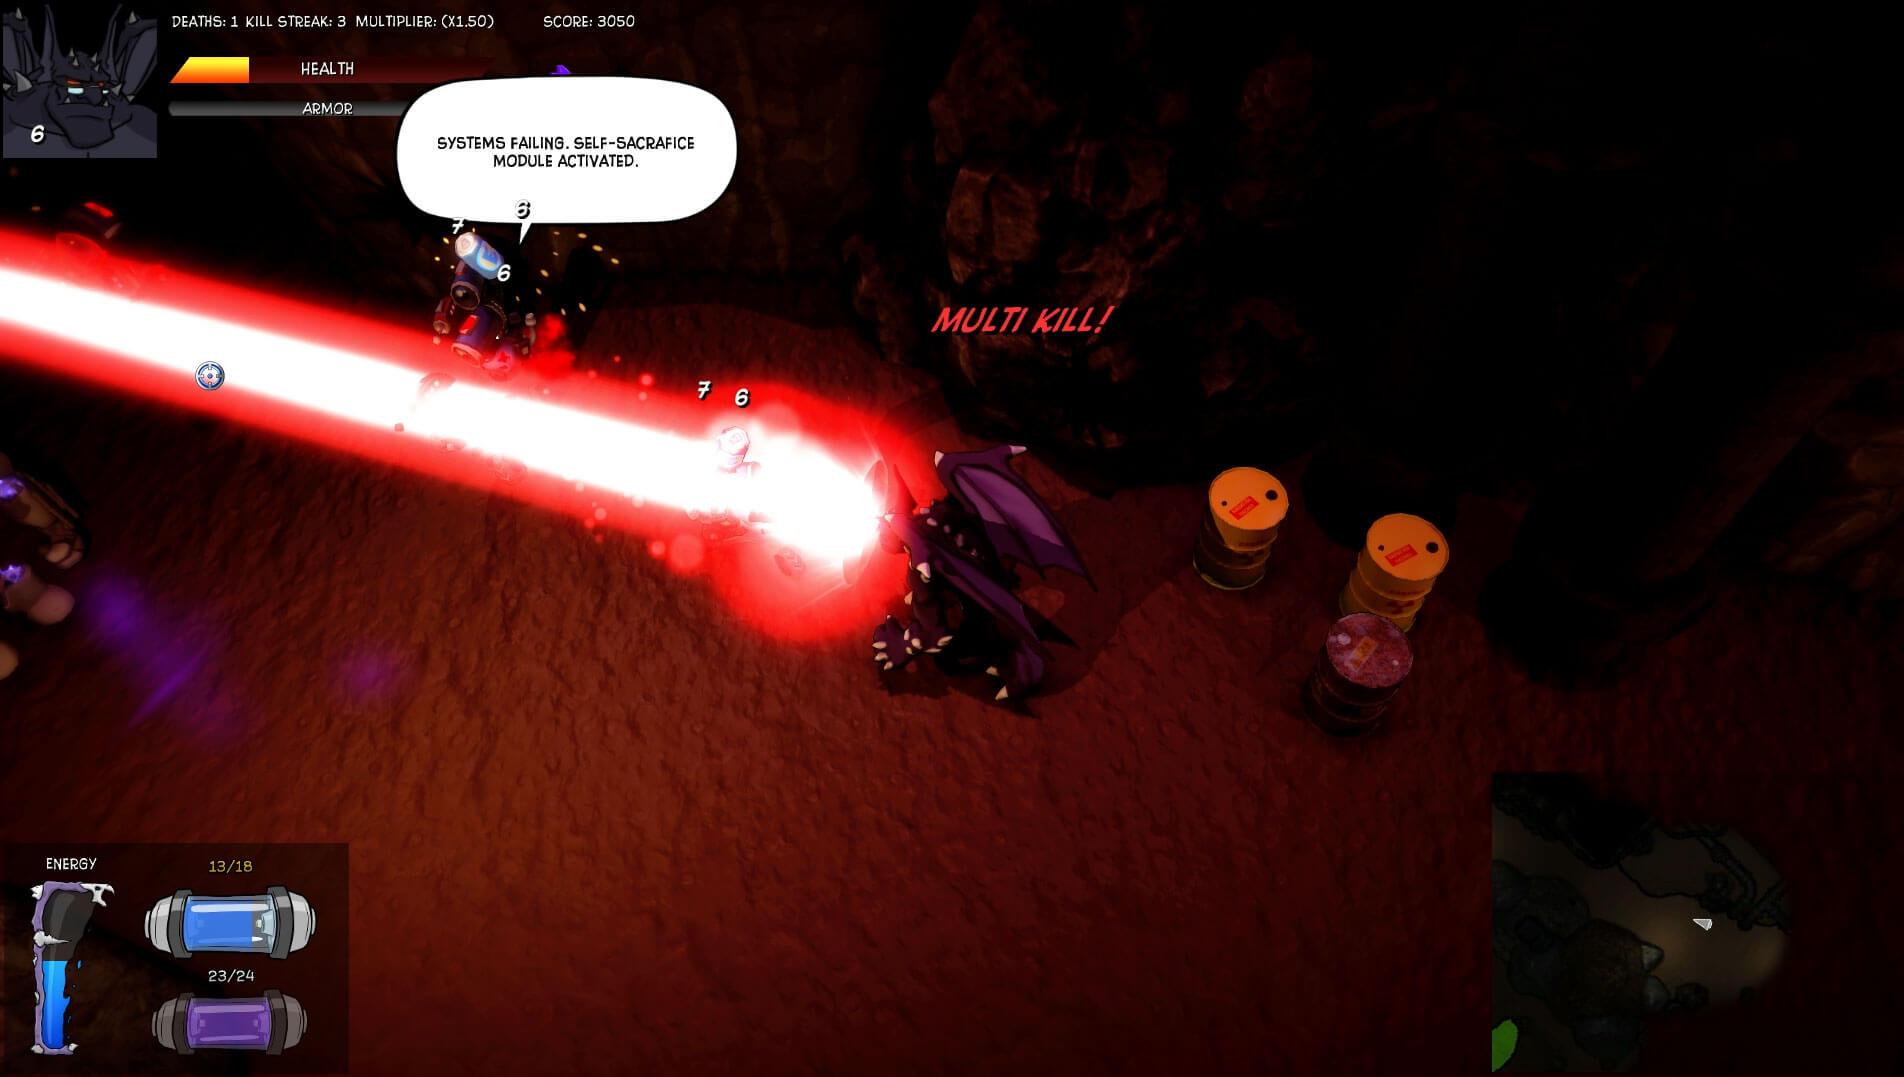 Im Dämonen Modus - Bildrechte bei Darkmire Entertainment